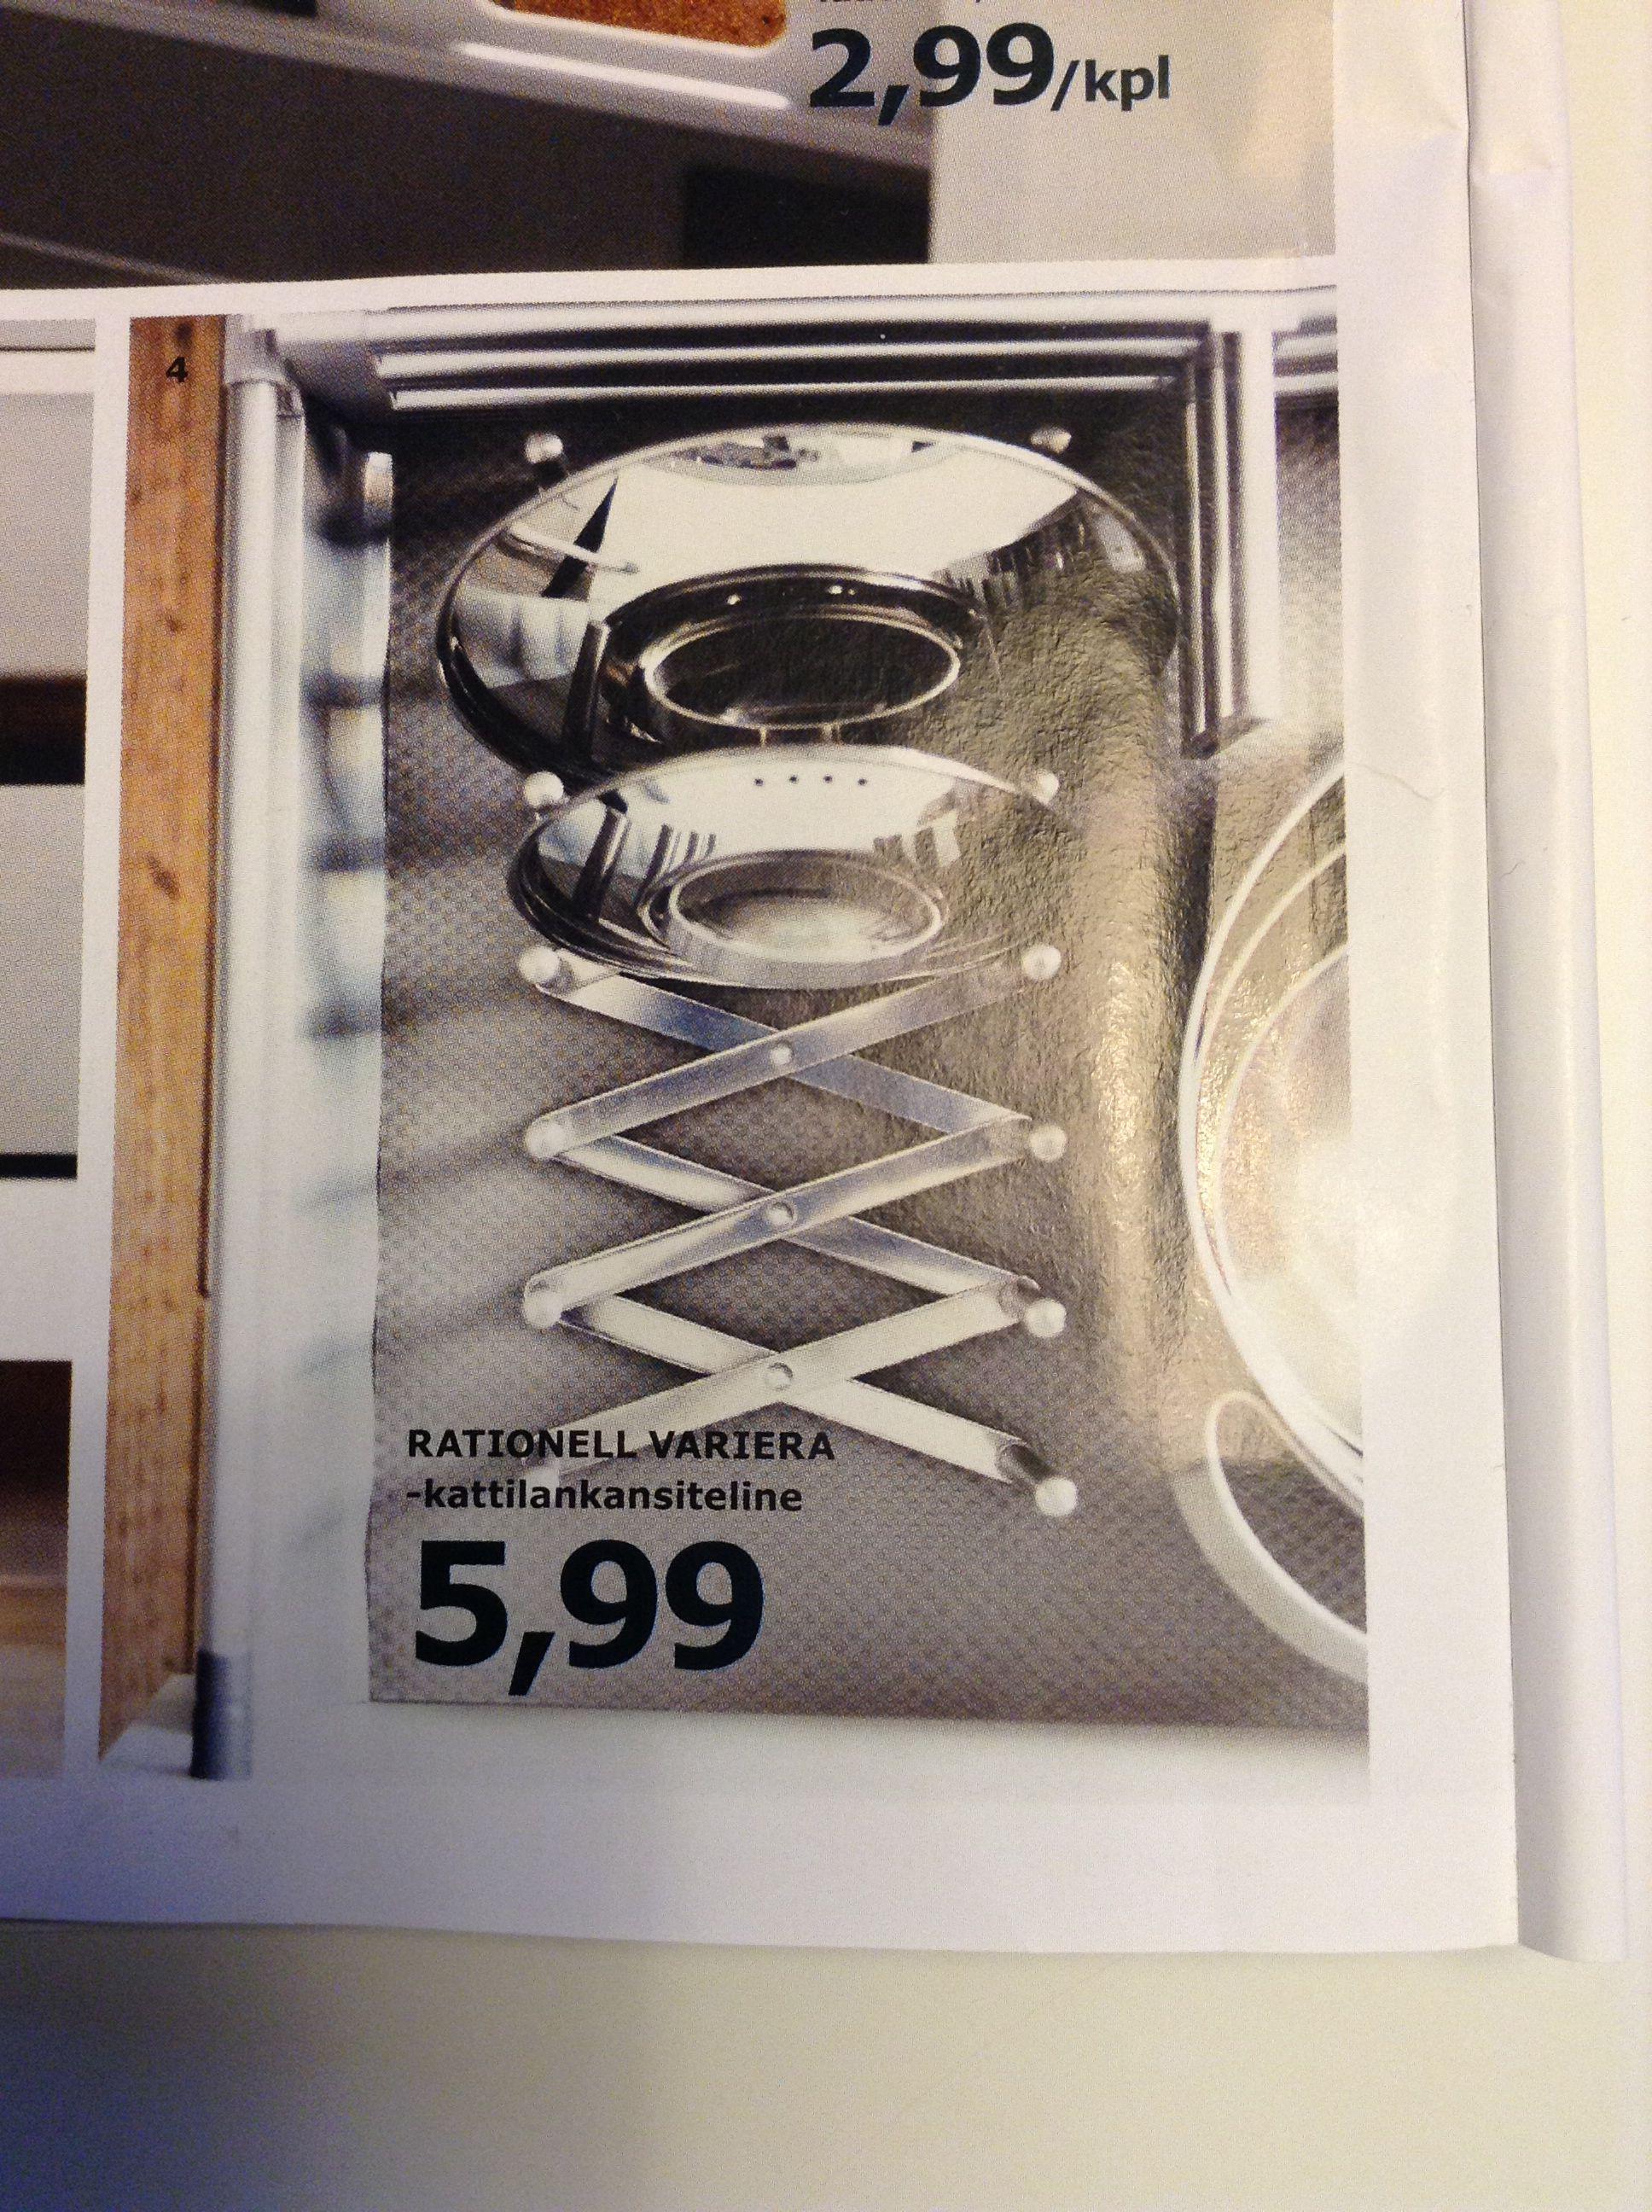 Kattilankansiteline Ikea  Keittiö  Pinterest